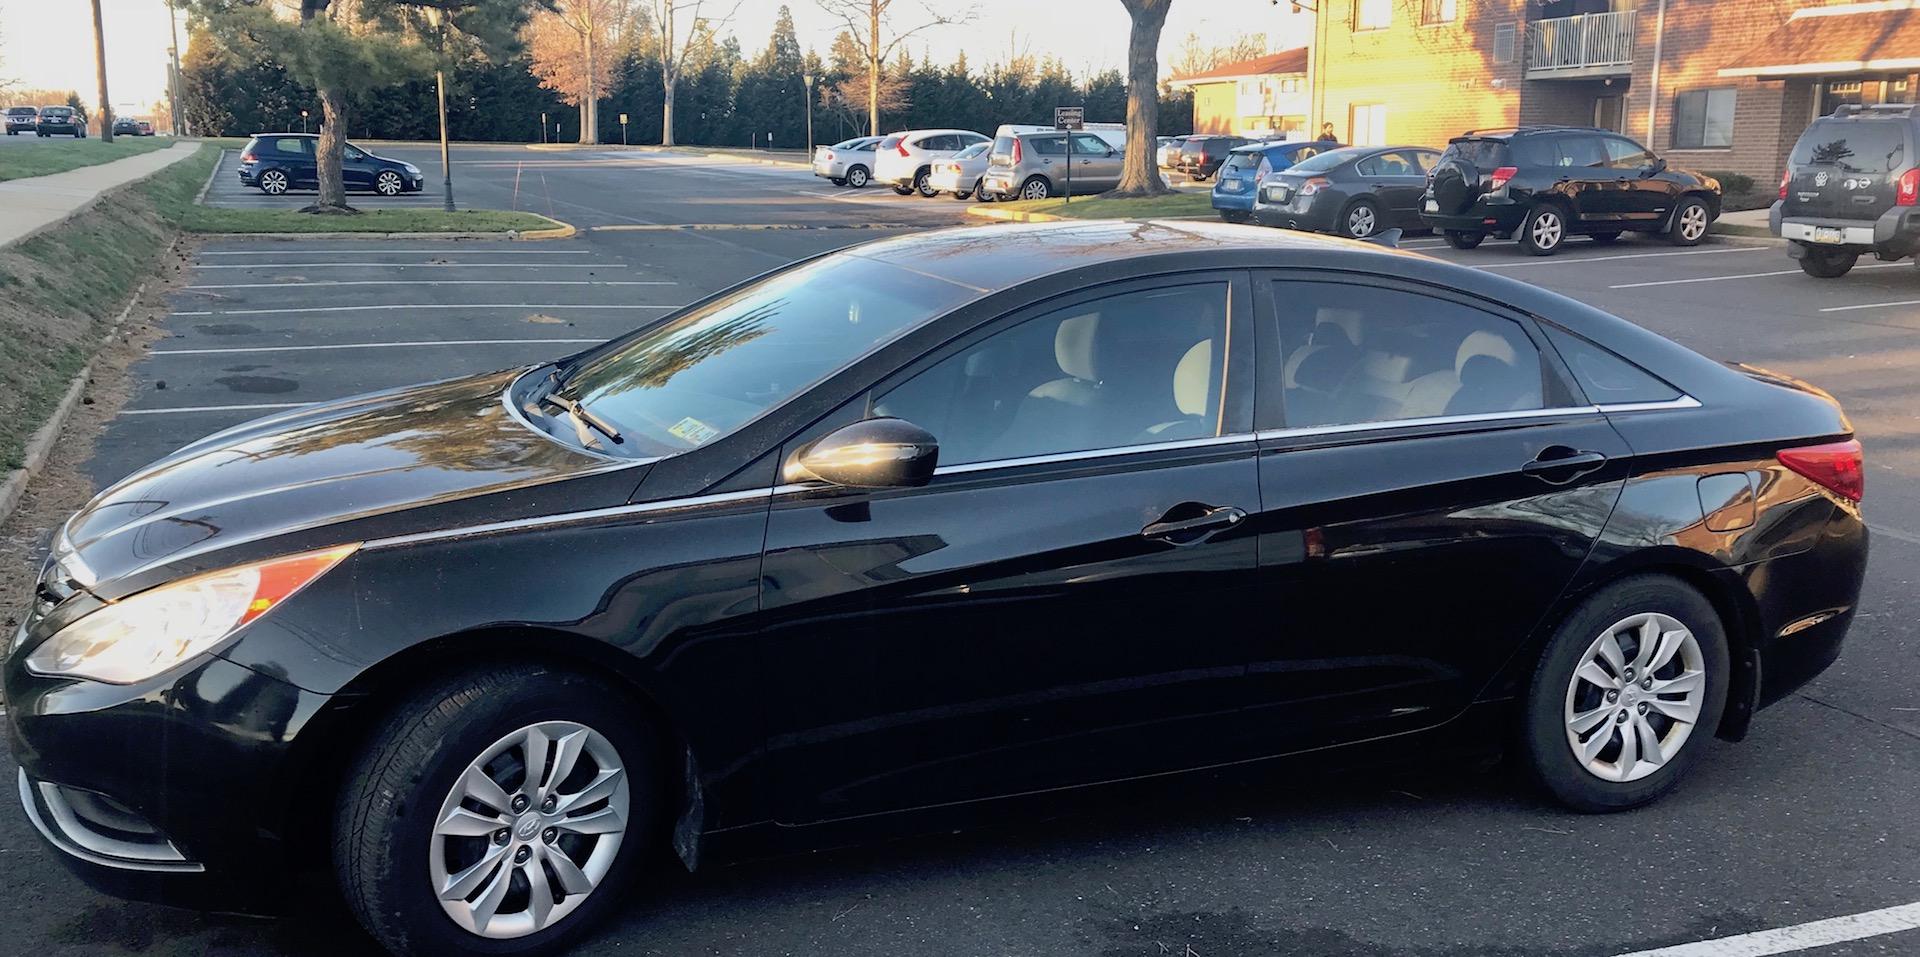 Ogłoszenie darmowe. Lokalizacja:  NJ & PA. KUPIĘ / SPRZEDAM - Motoryzacja. Na sprzedaz Hyundai Sonata GLS.